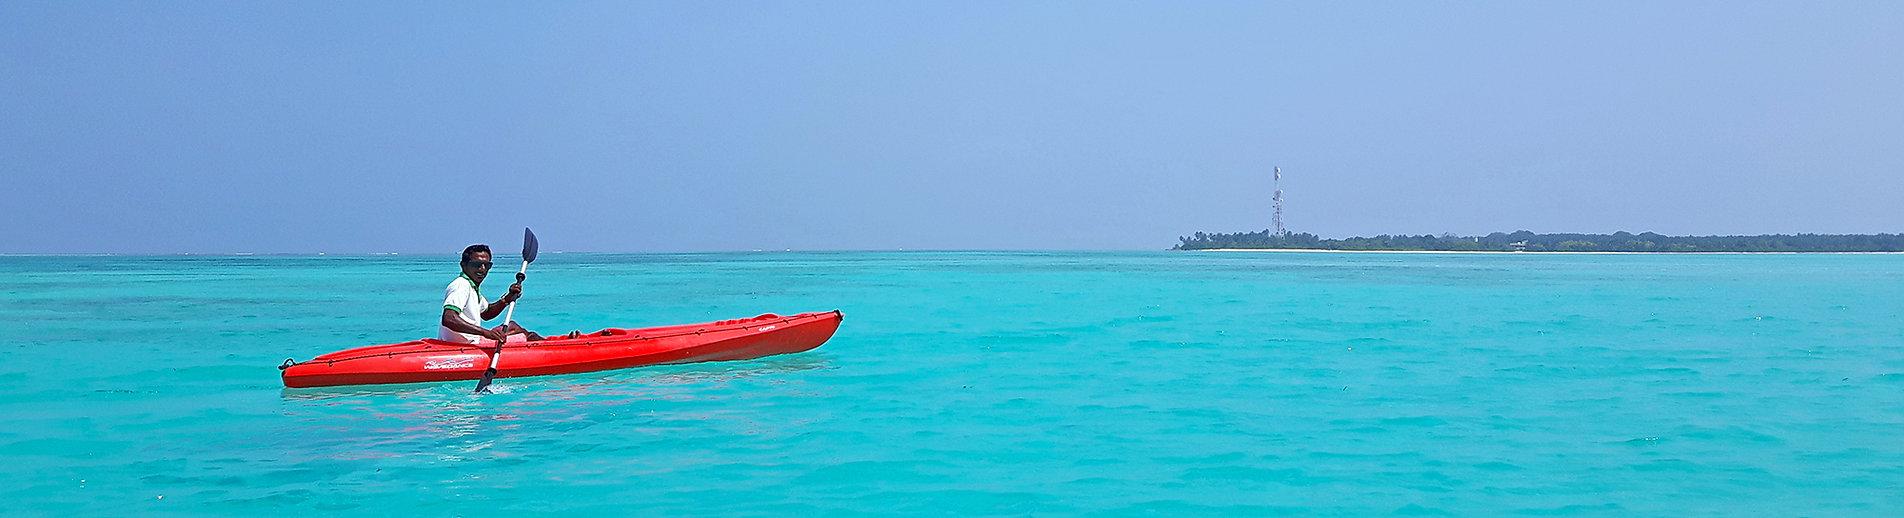 Doprava Fehendhoo, Goidhoo atol, Maledivy